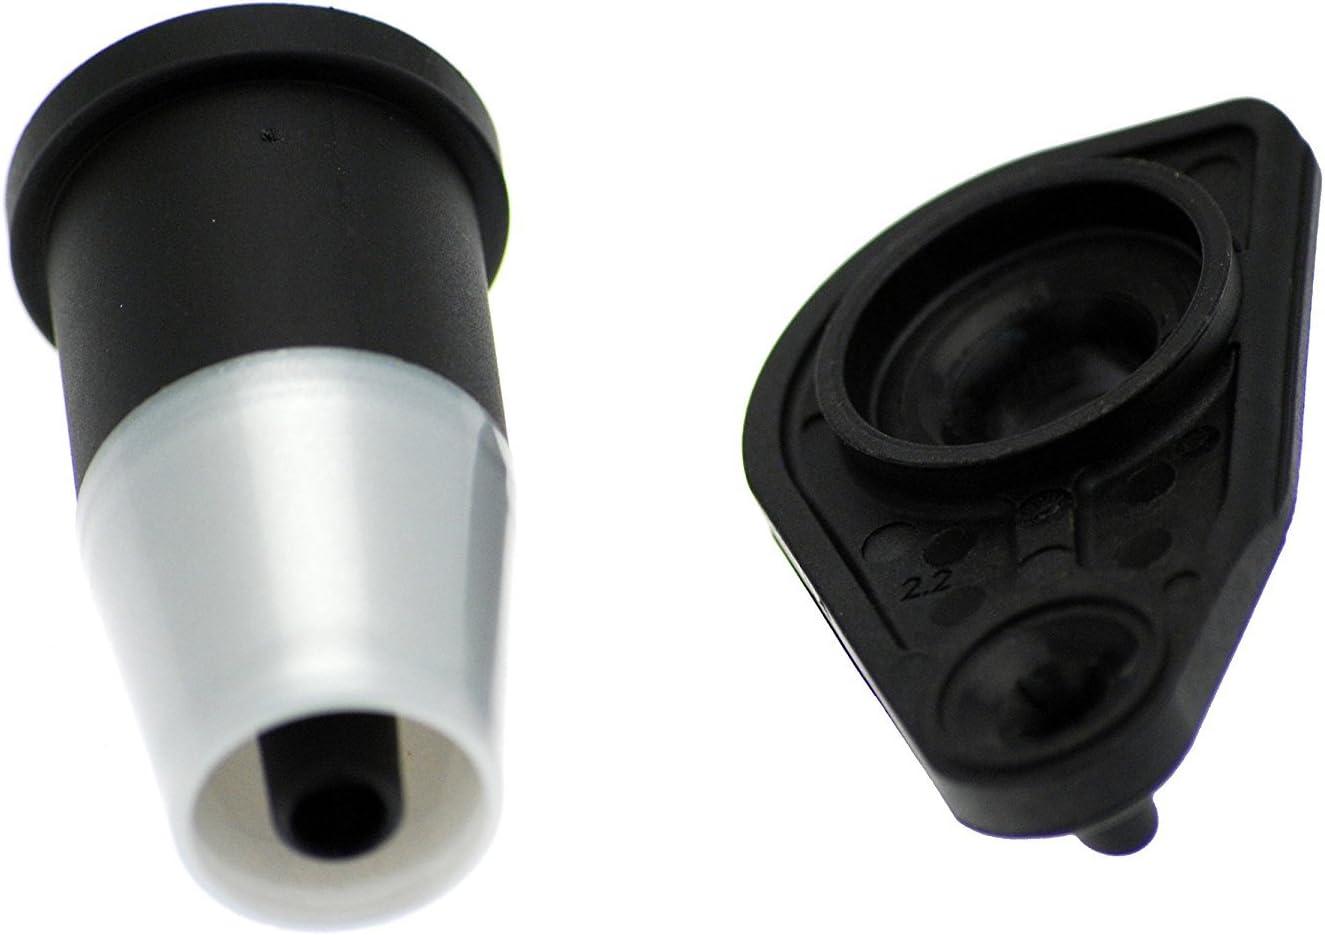 Bosch 00616231 Dispensador de café pieza y accesorio para cafetera - Filtro de café (Dispensador de café, 1 pieza(s)): Amazon.es: Hogar